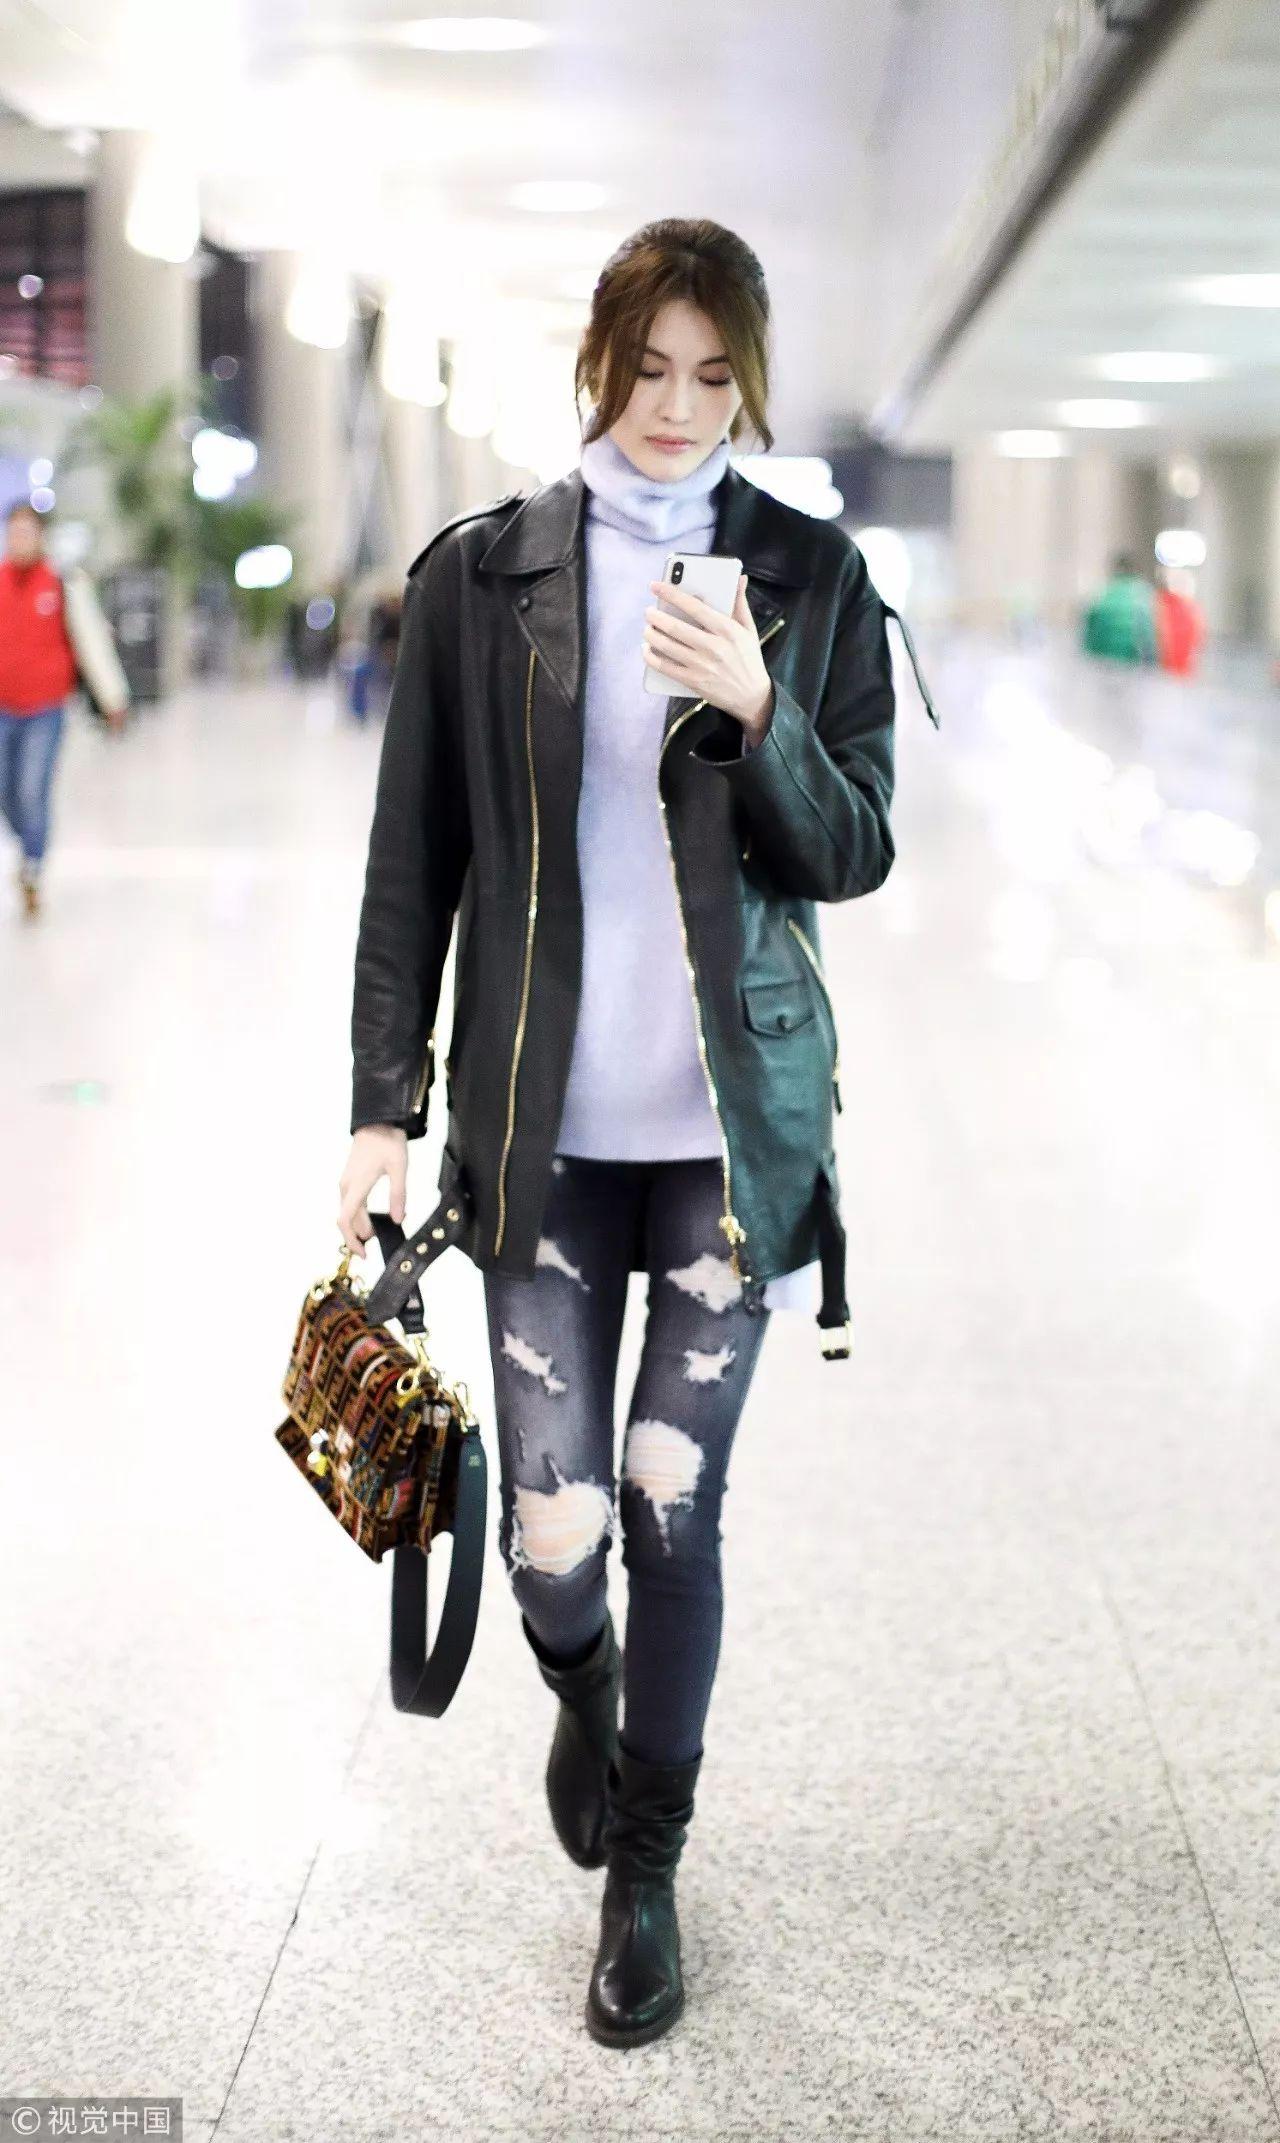 何穗浅灰色堆堆领针织衫搭配oversize机车夹克,黑色磨白紧身牛仔裤